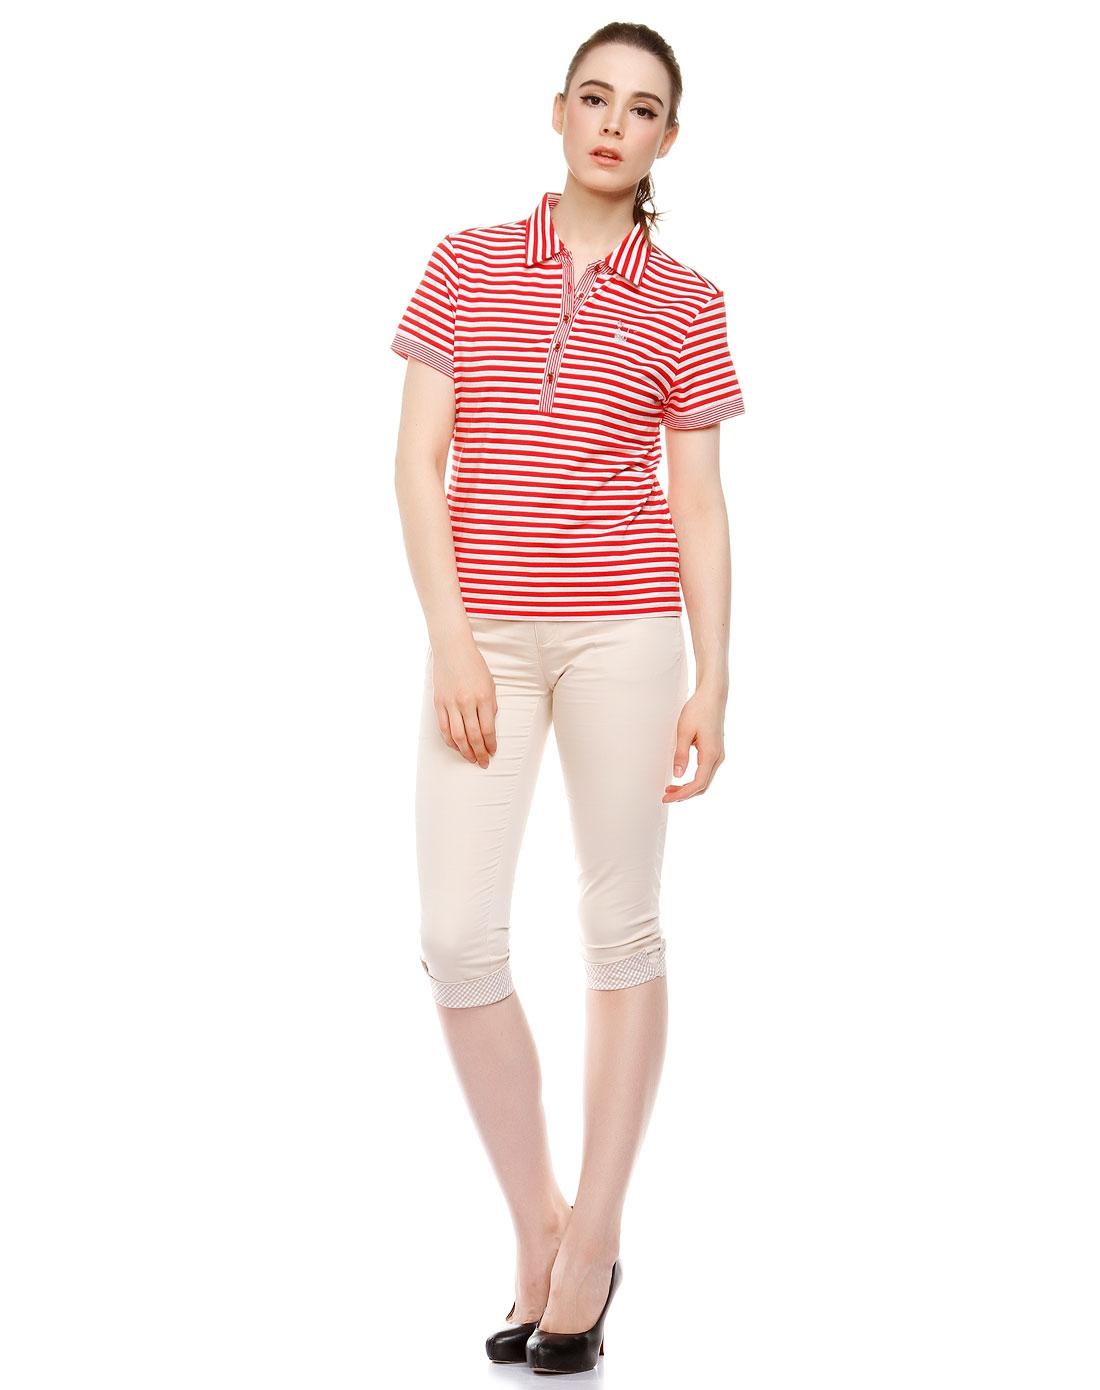 款红配白色短袖polo衫